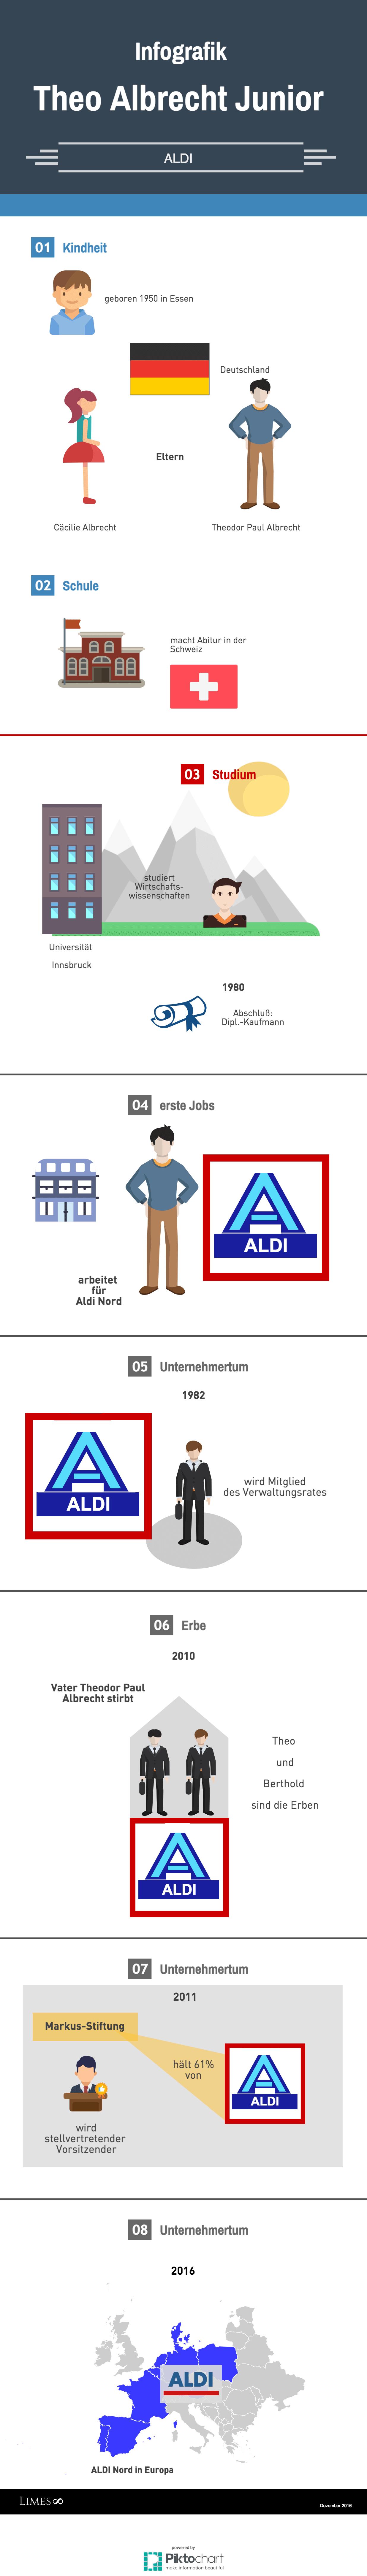 Informationsgrafik des Milliardärs Theo Albrecht jr.